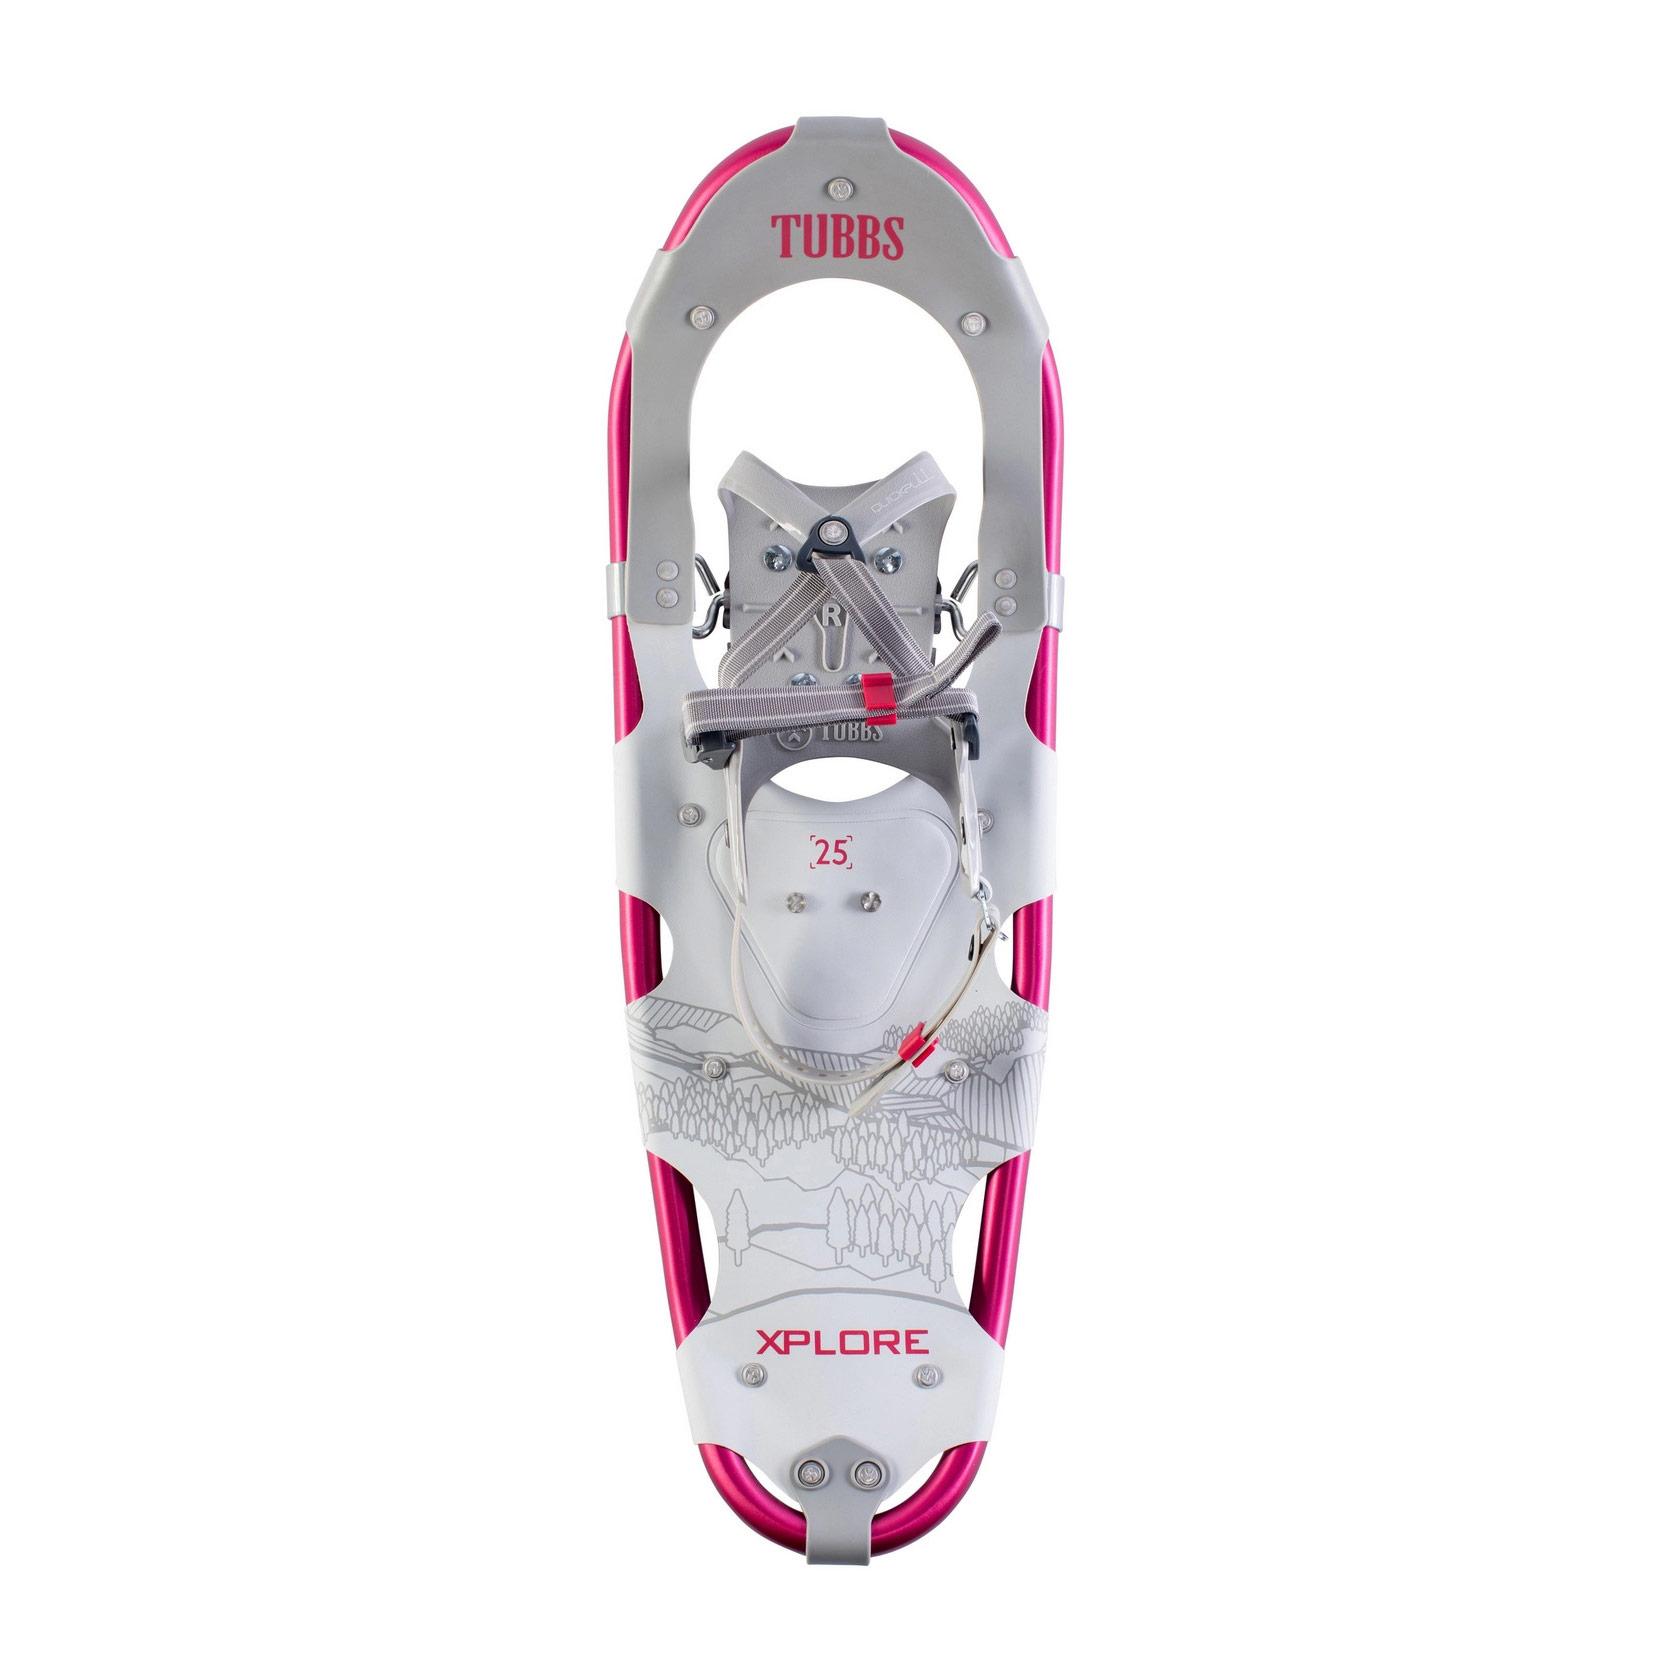 Xplore 25 Snowshoes - Women's